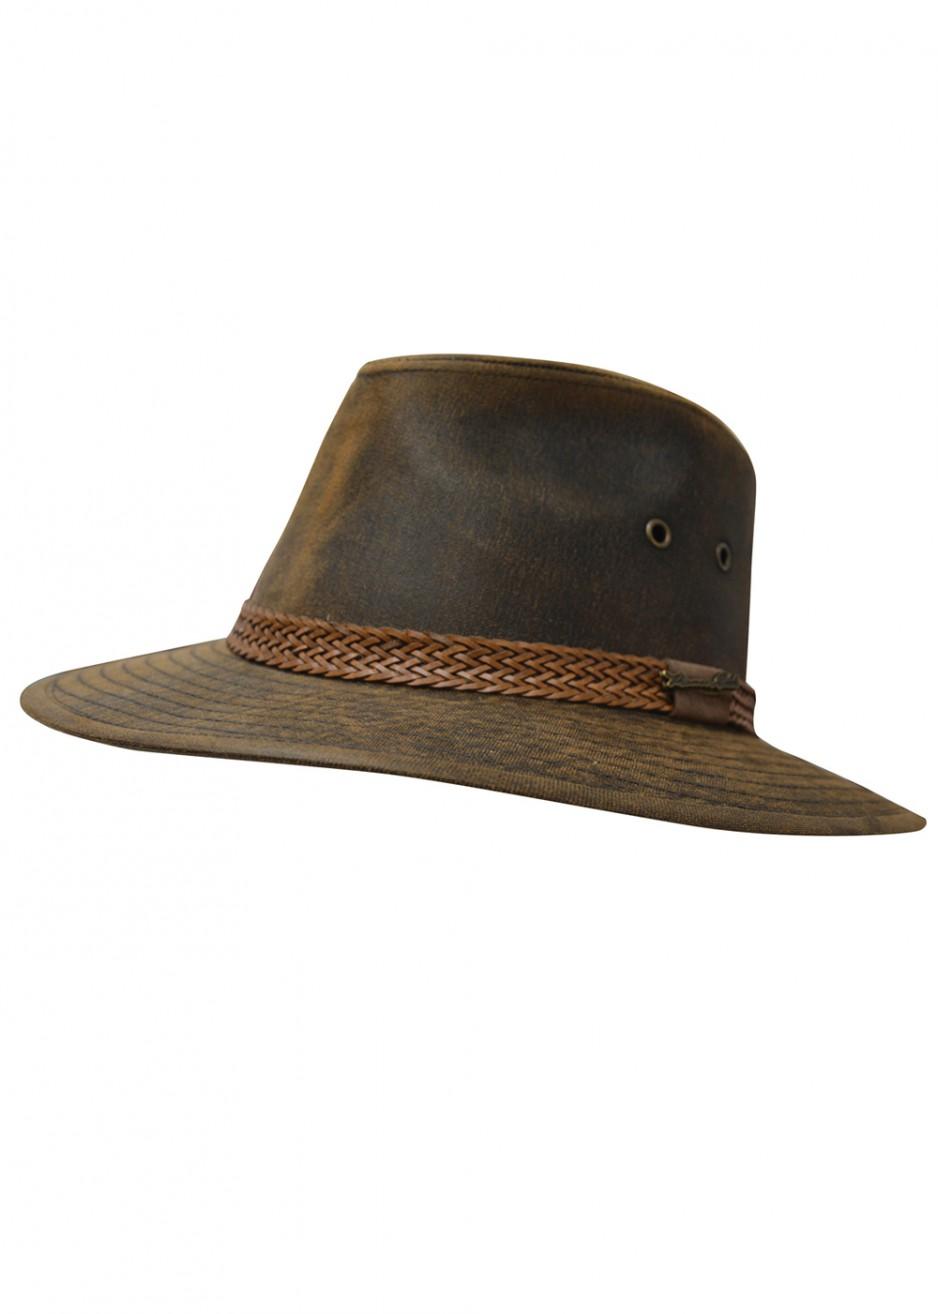 MANSFIELD HAT